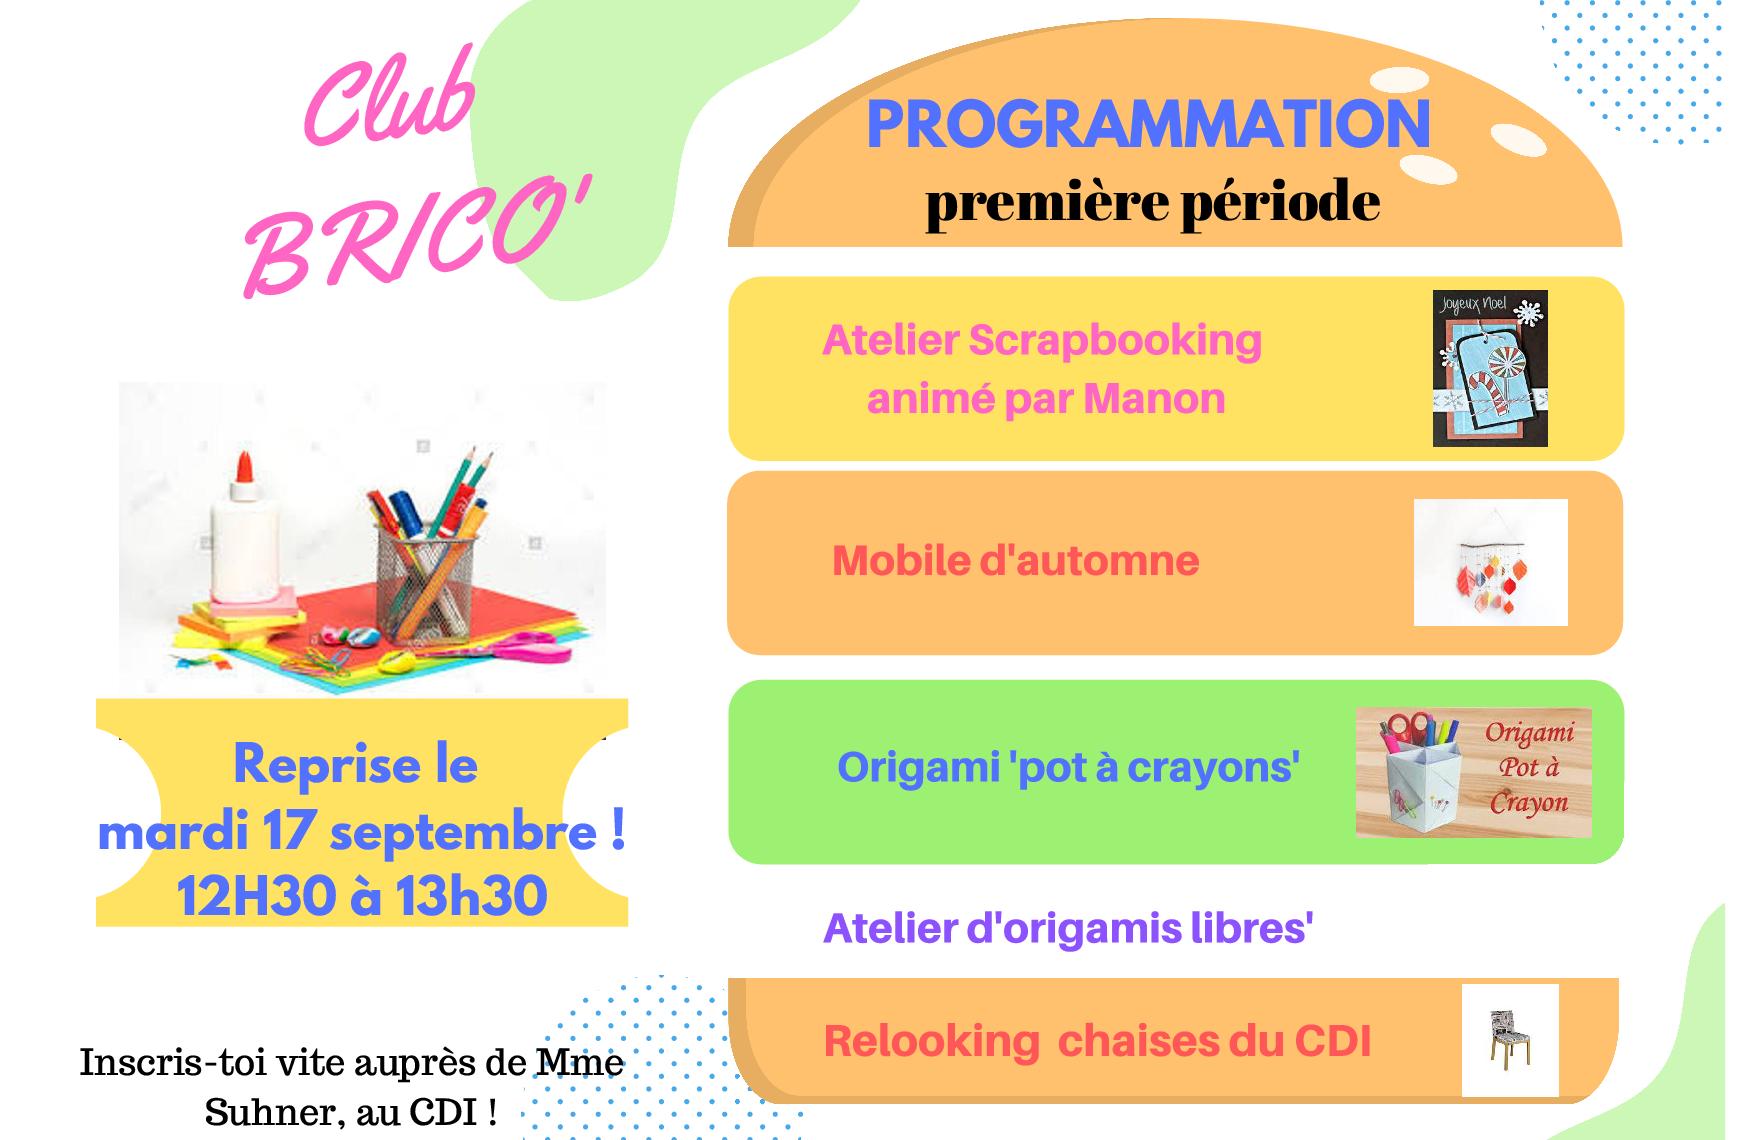 CLUB BRICO' _.png